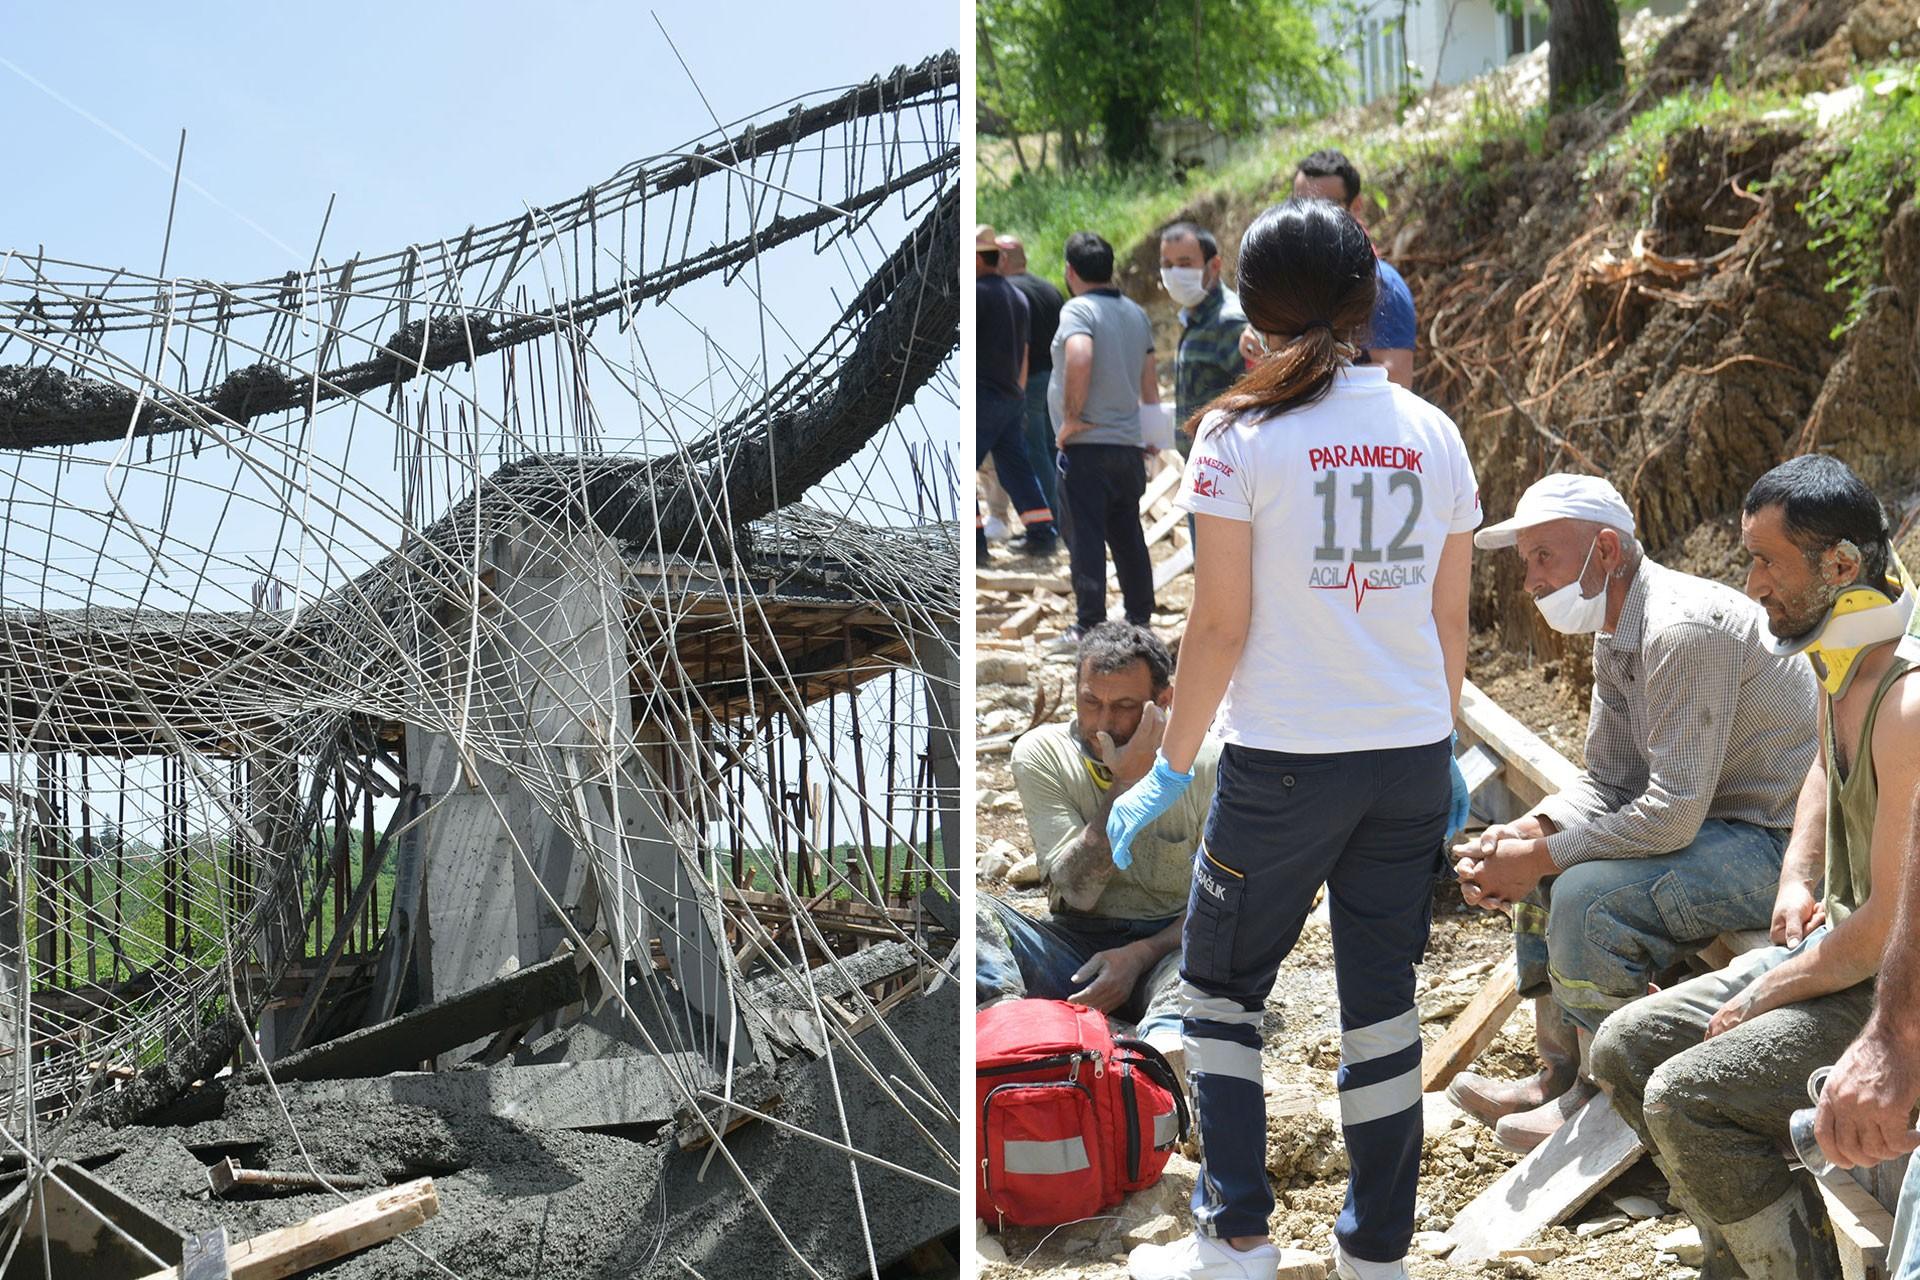 Çöken inşaat (solda) ve yaralı işçiler (sağda)